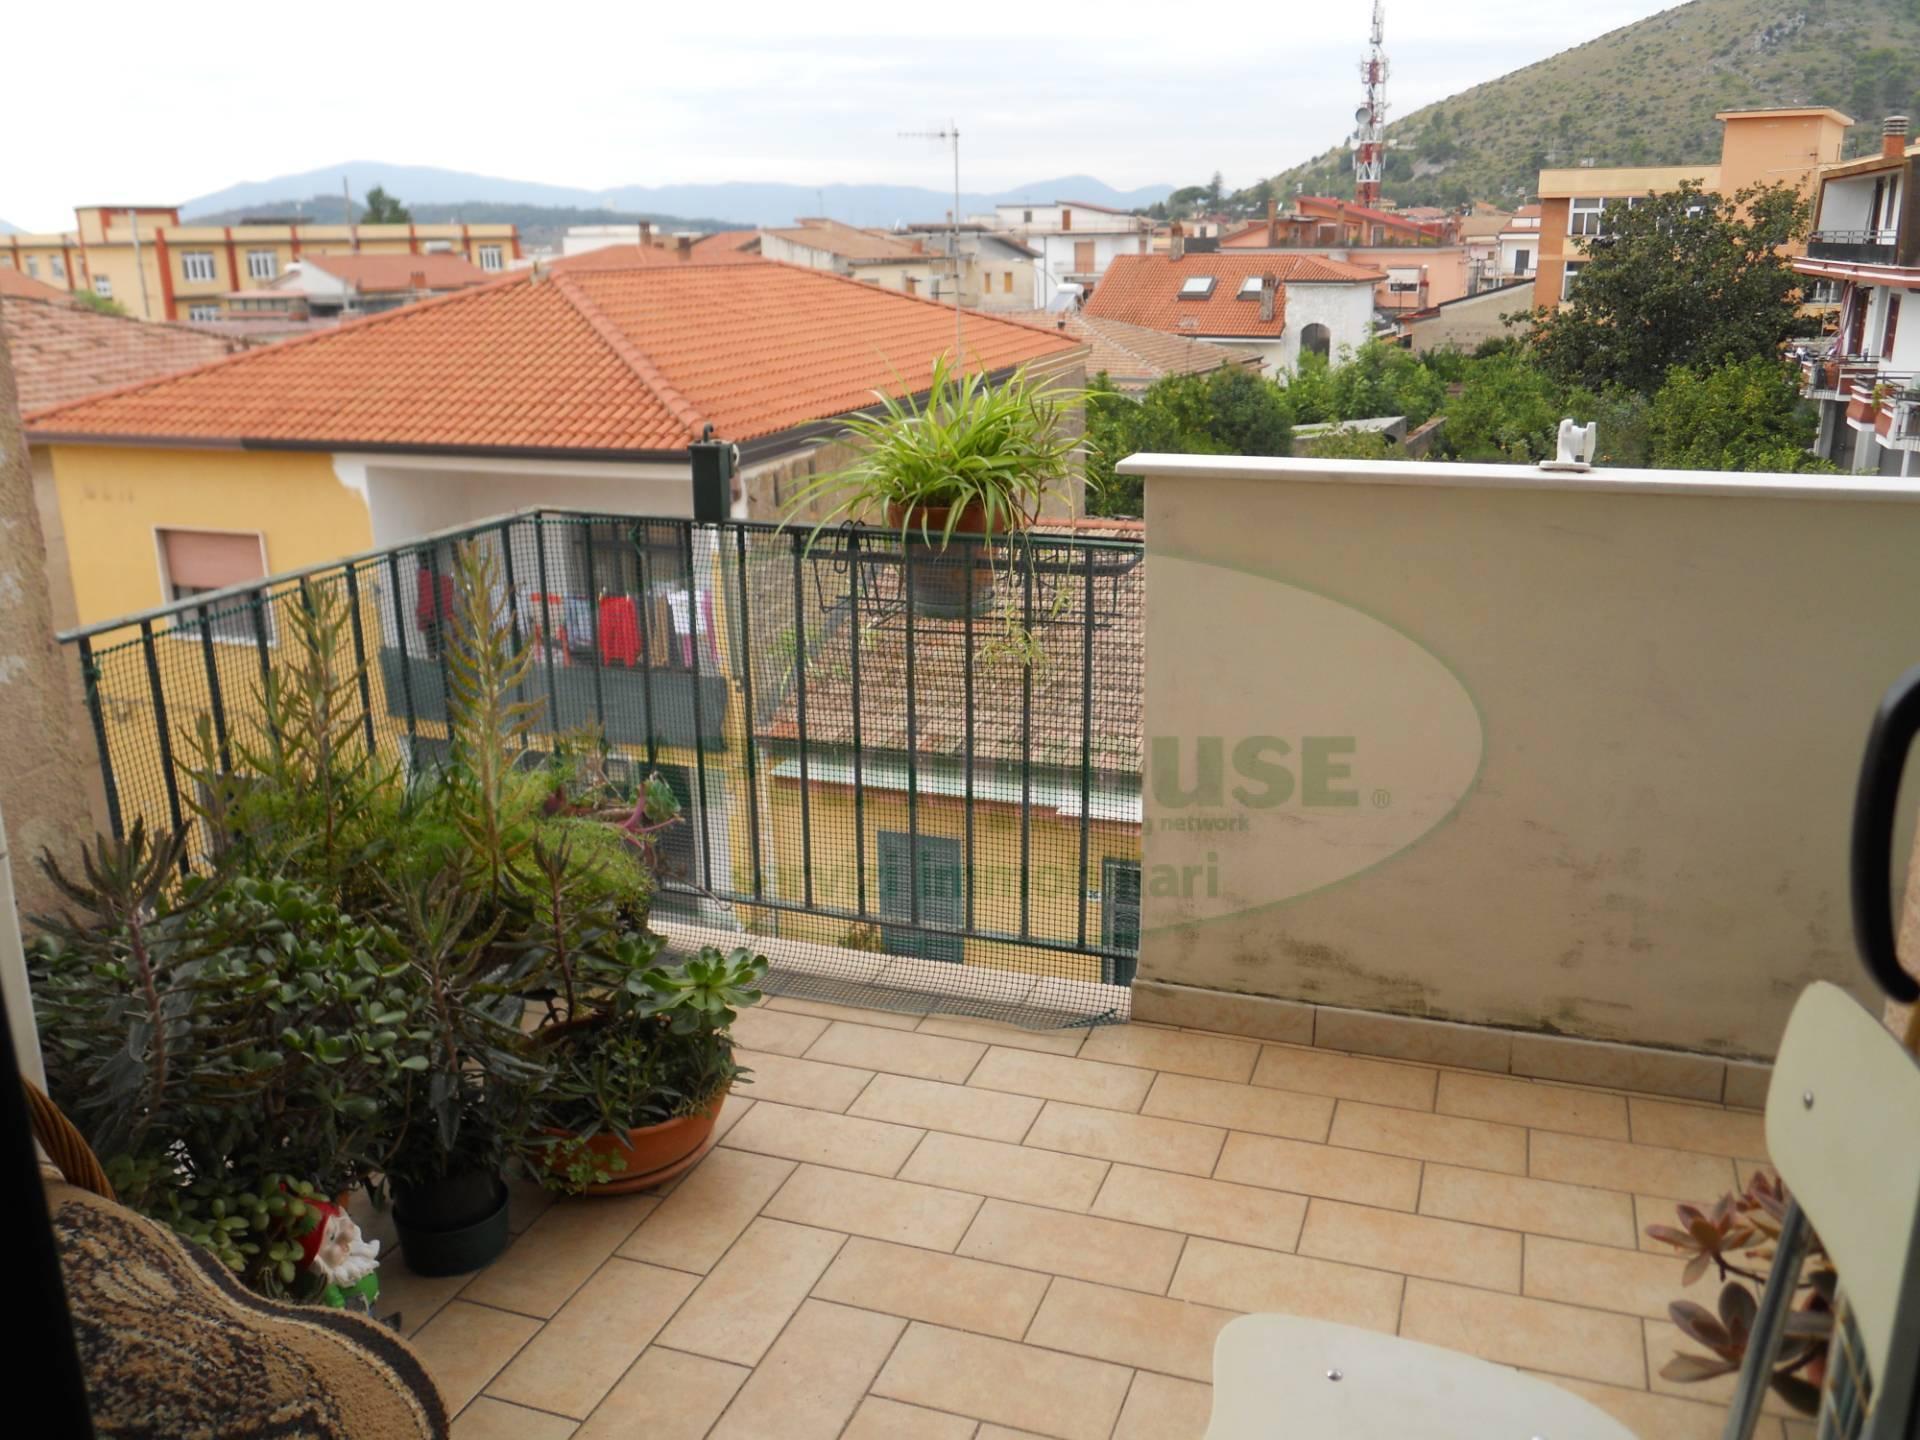 Appartamento in vendita a Sparanise, 3 locali, prezzo € 43.000 | PortaleAgenzieImmobiliari.it